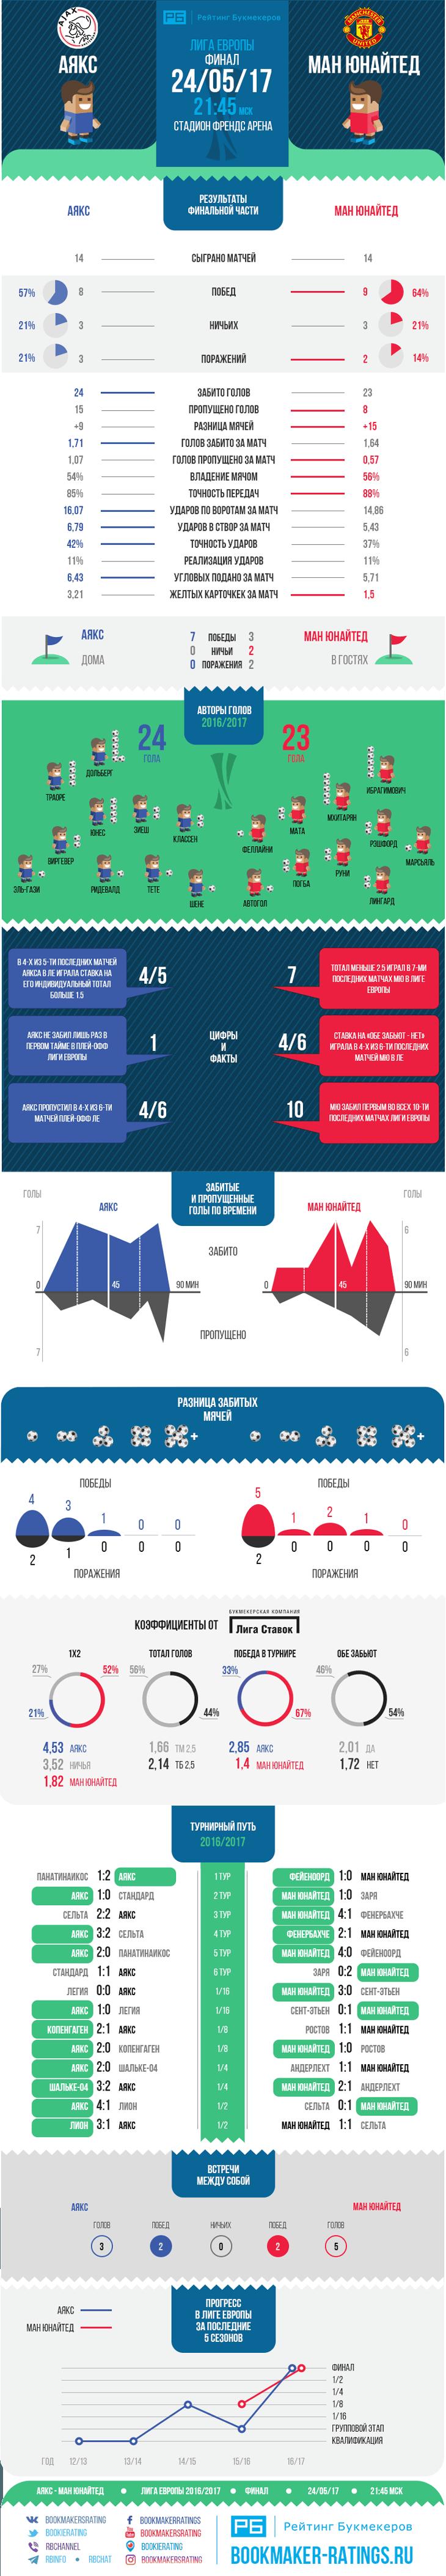 Статистика матчей реал мадрид боруссия